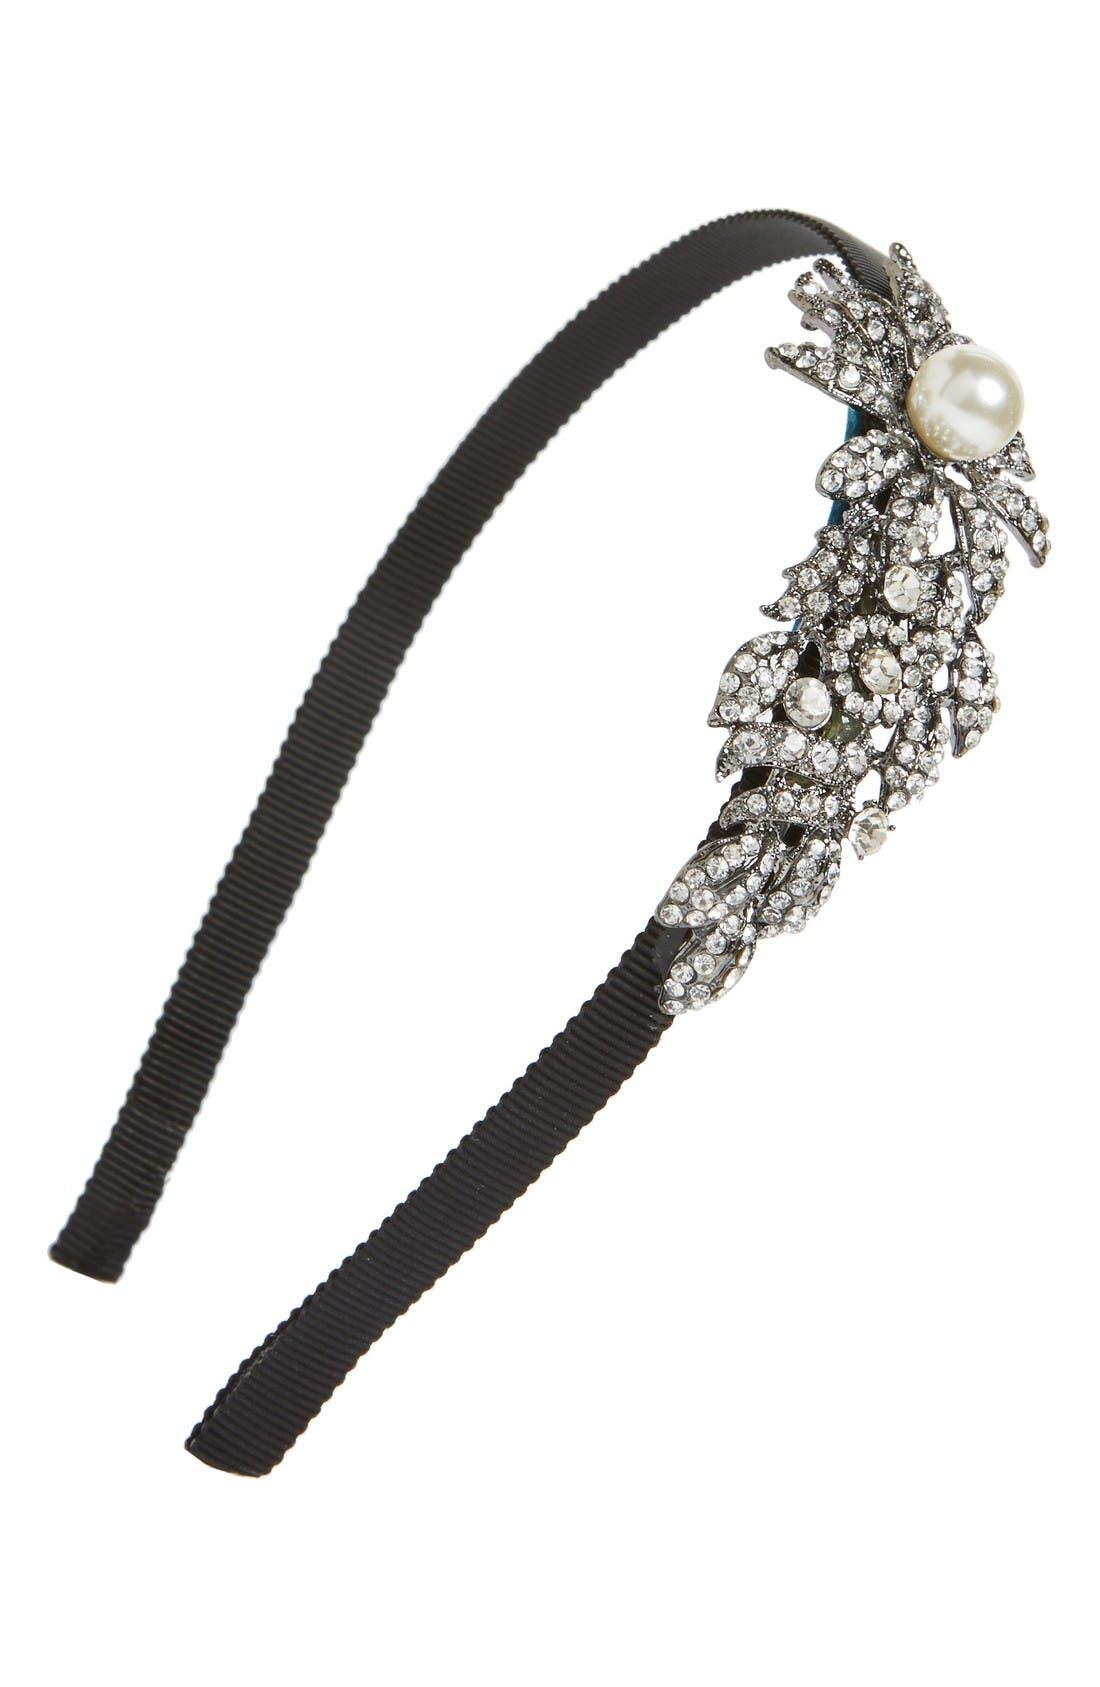 Main Image - Tasha Bead & Crystal Flower Headband